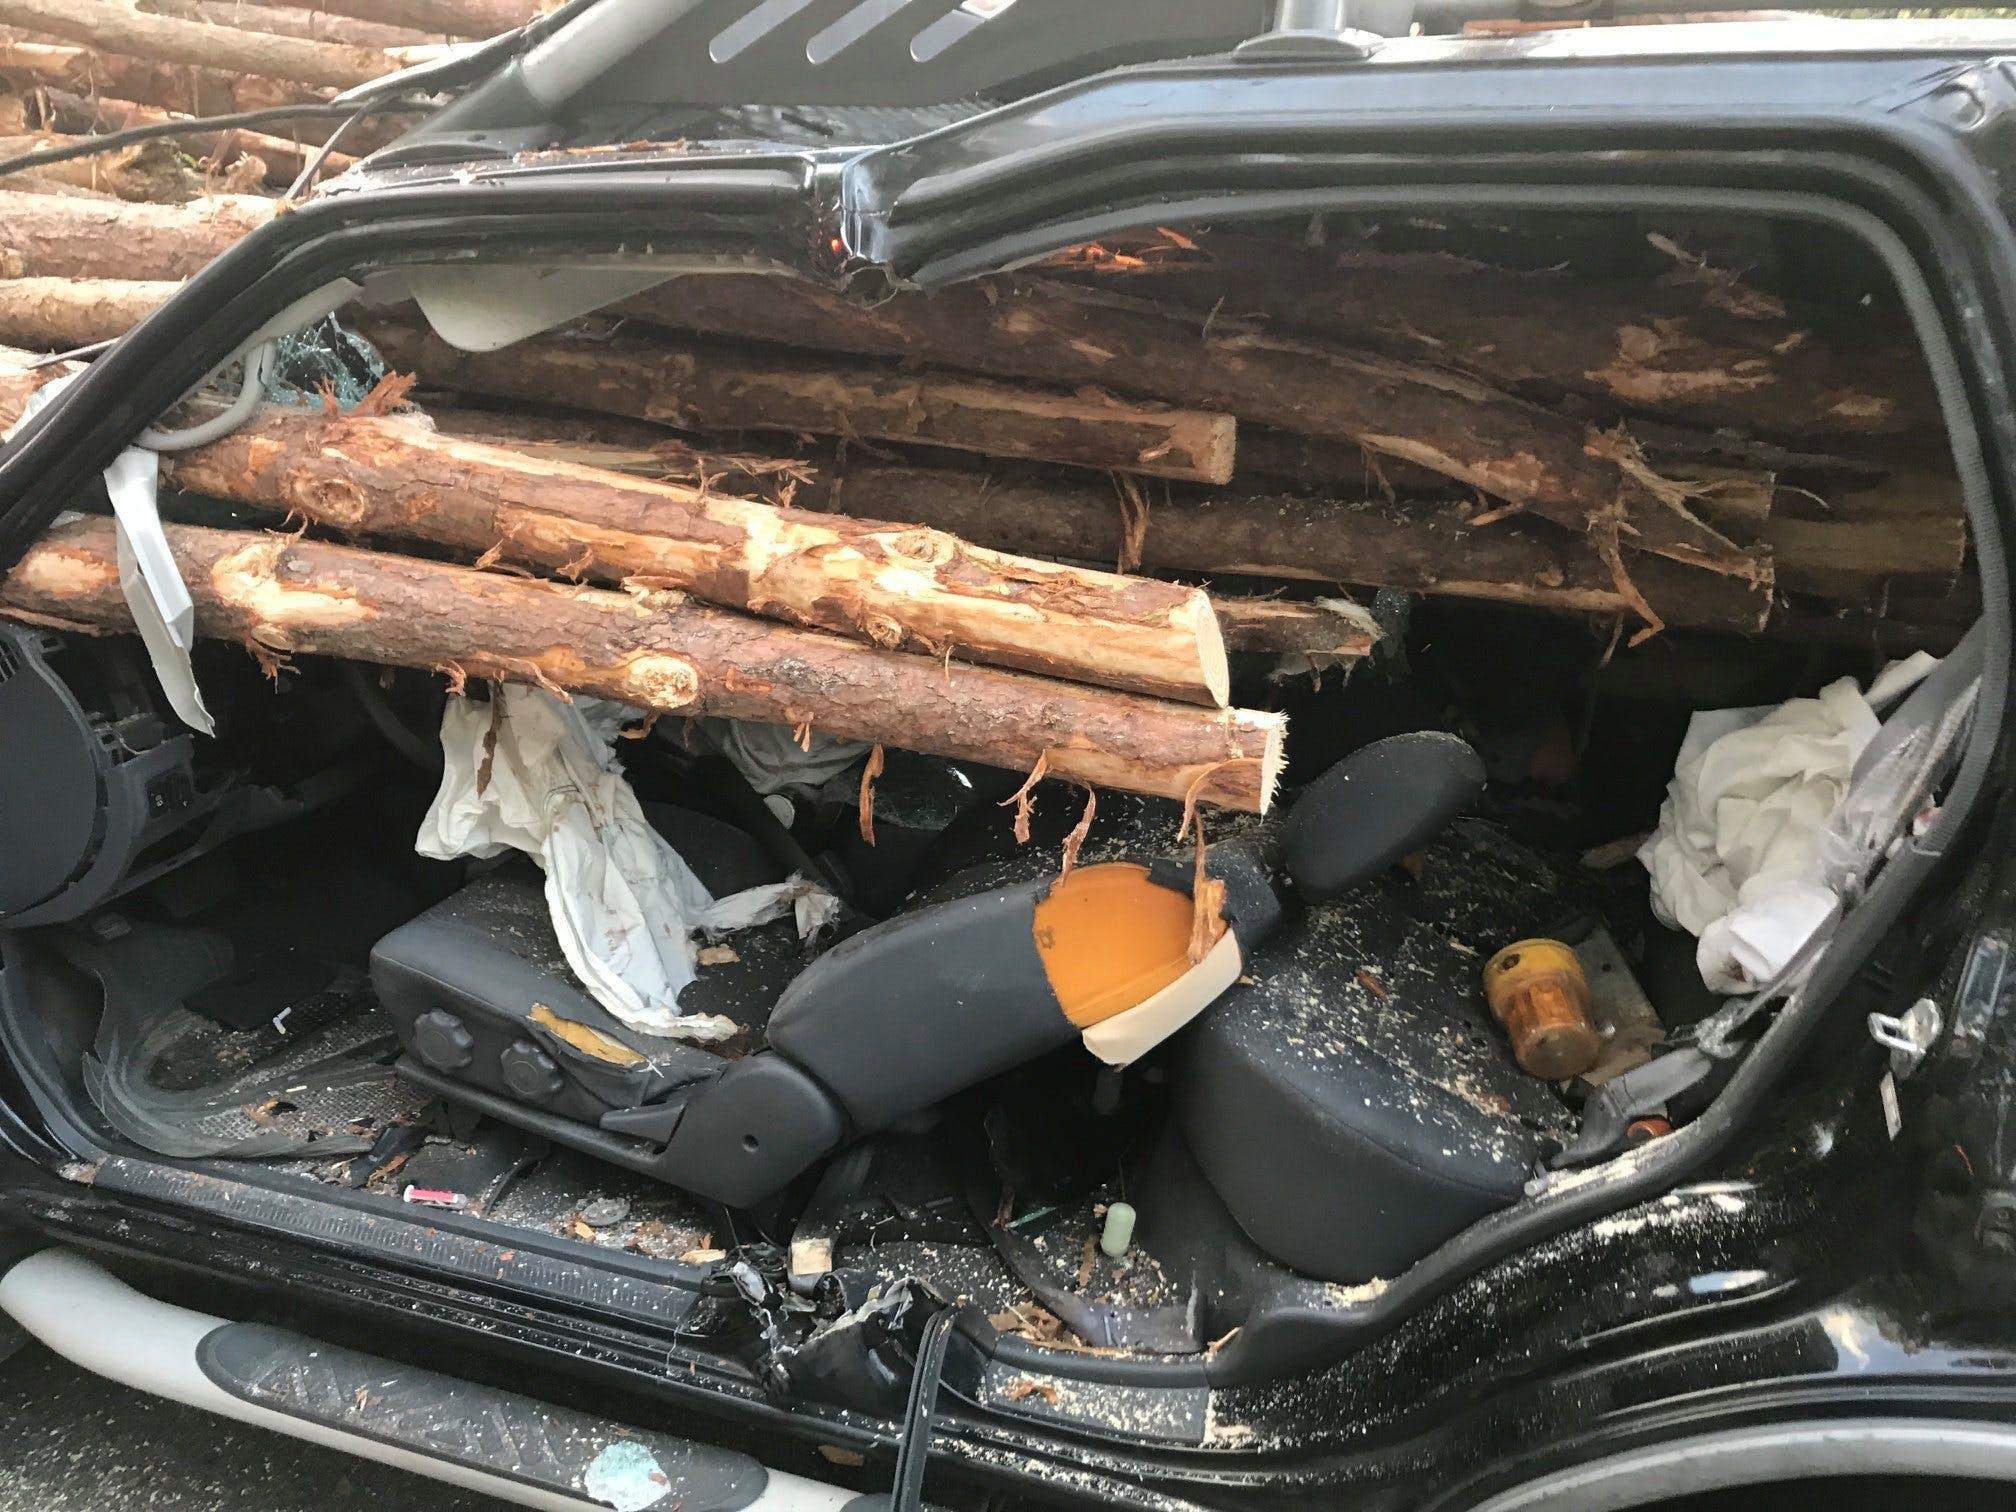 Hàng chục cây gỗ đâm xuyên ô tô, tài xế thoát chết thần kỳ